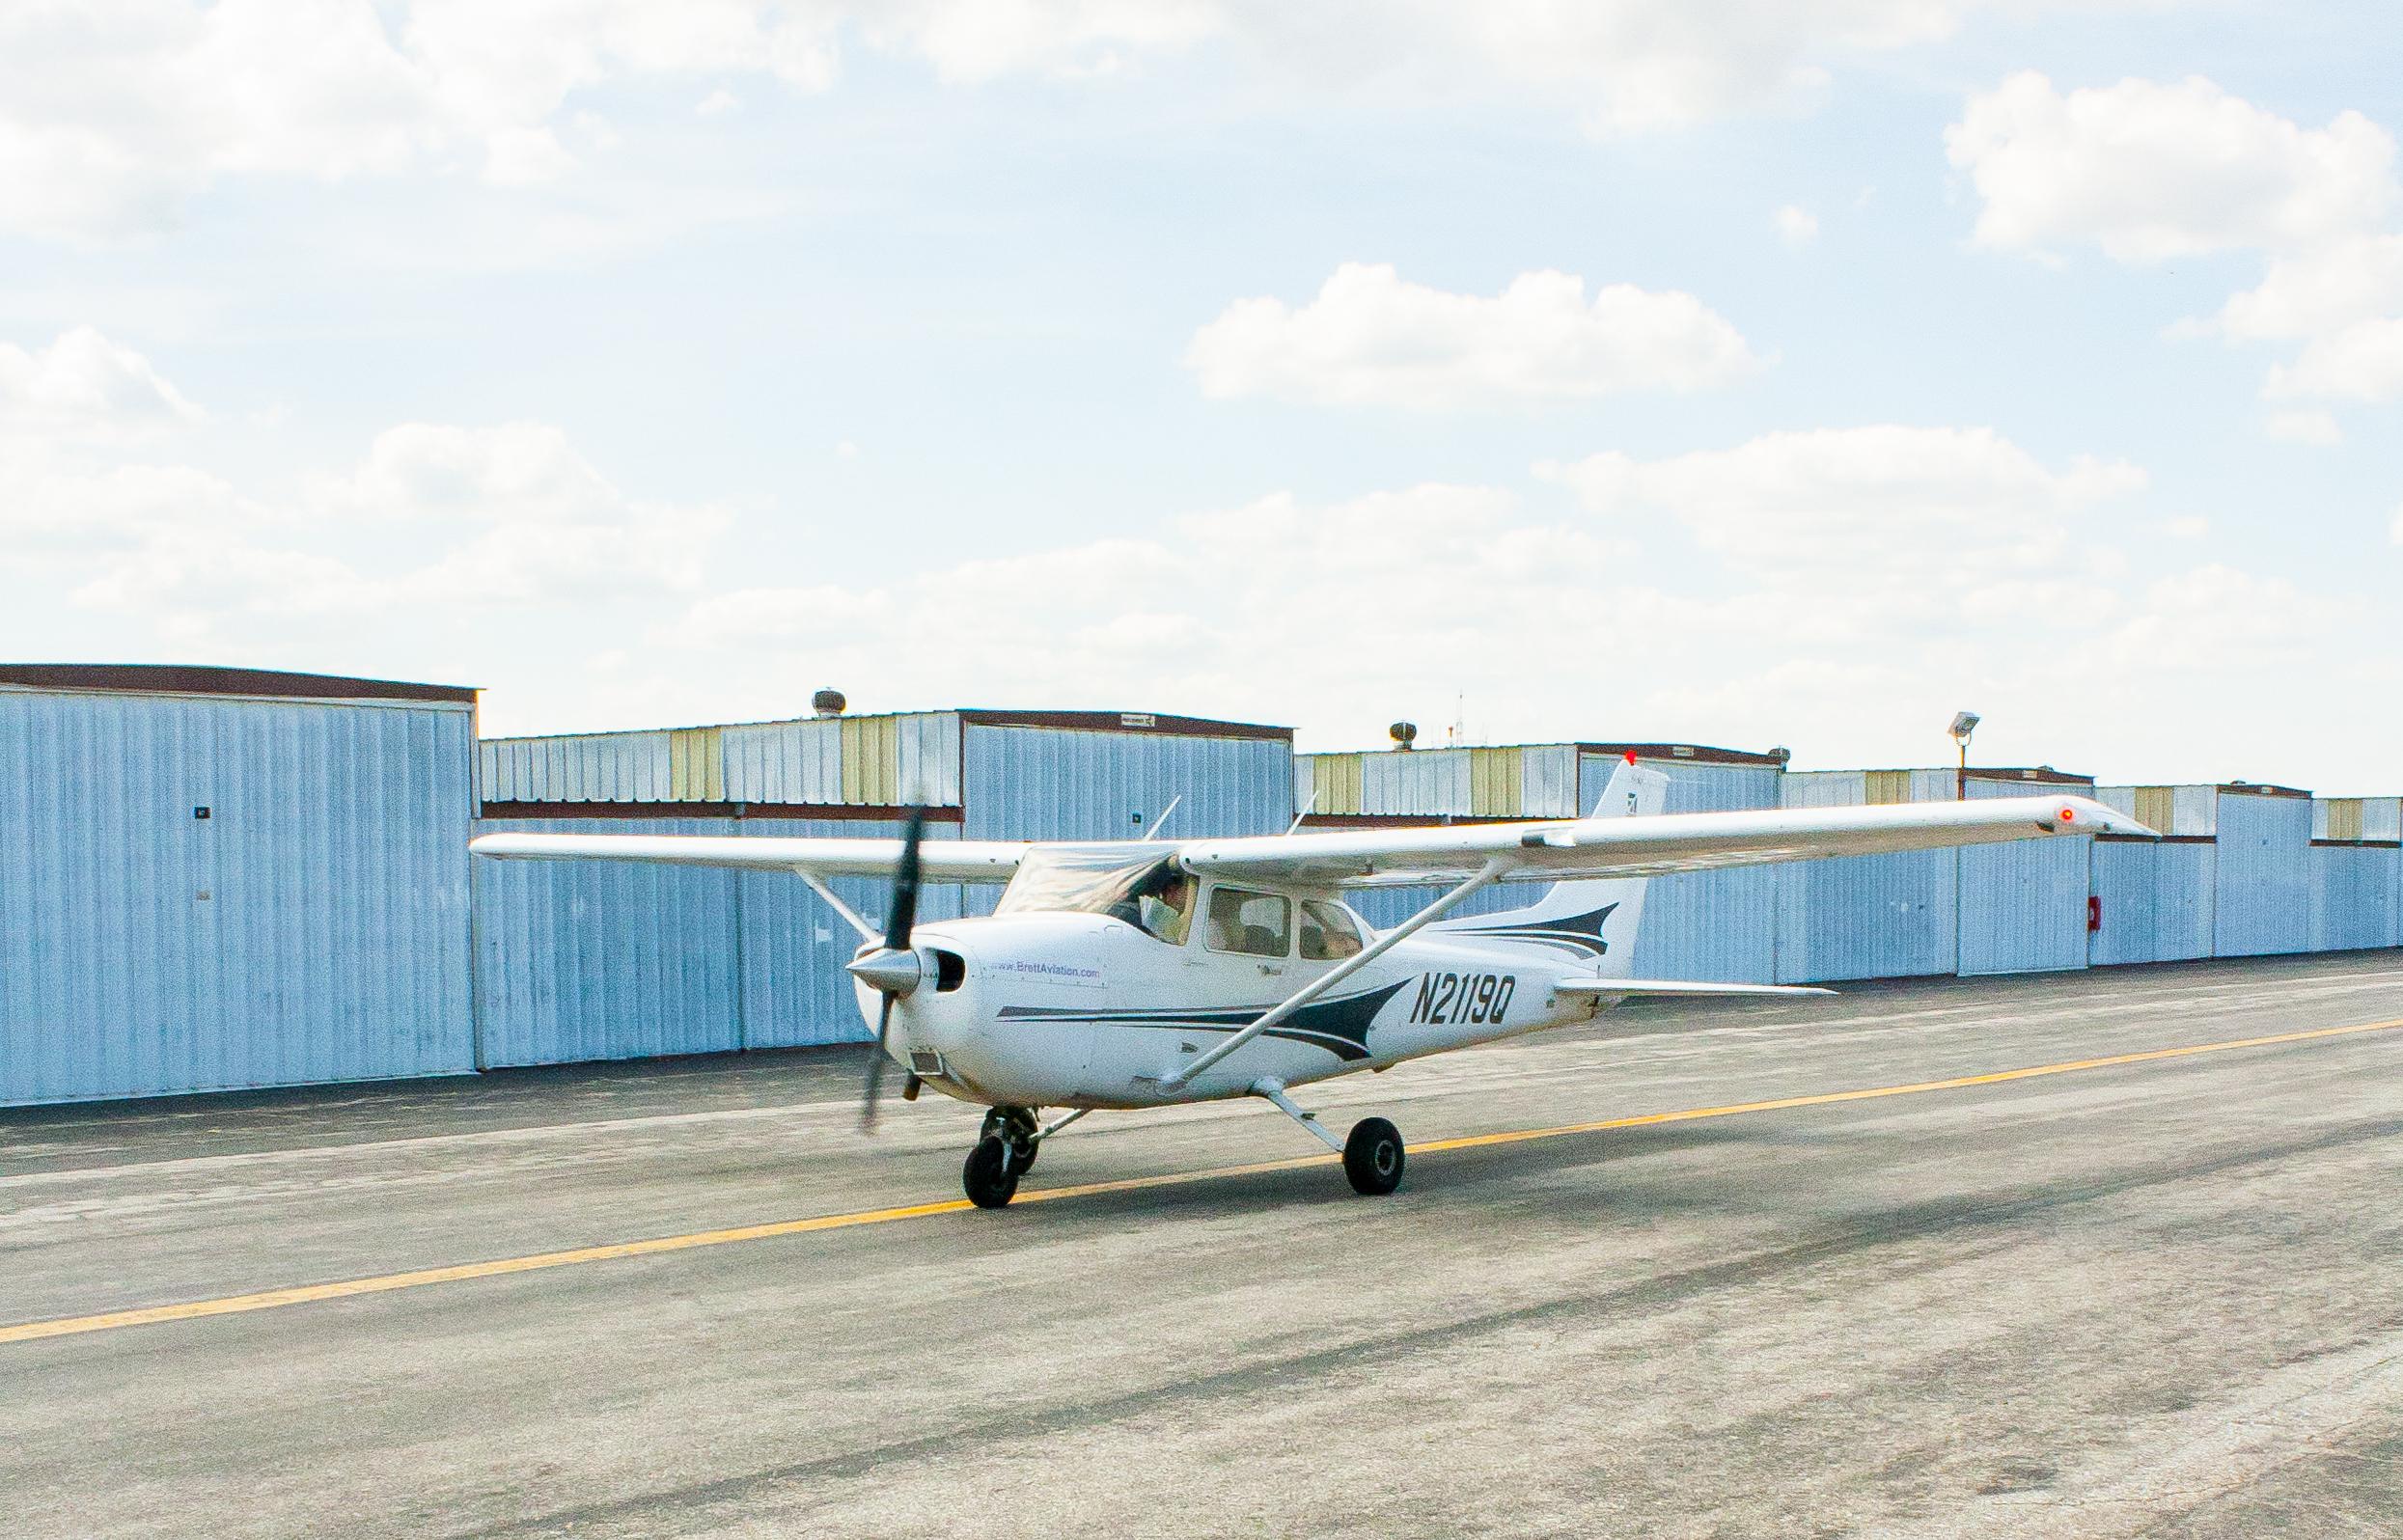 N2119q Cessna 172sp Brett Aviation